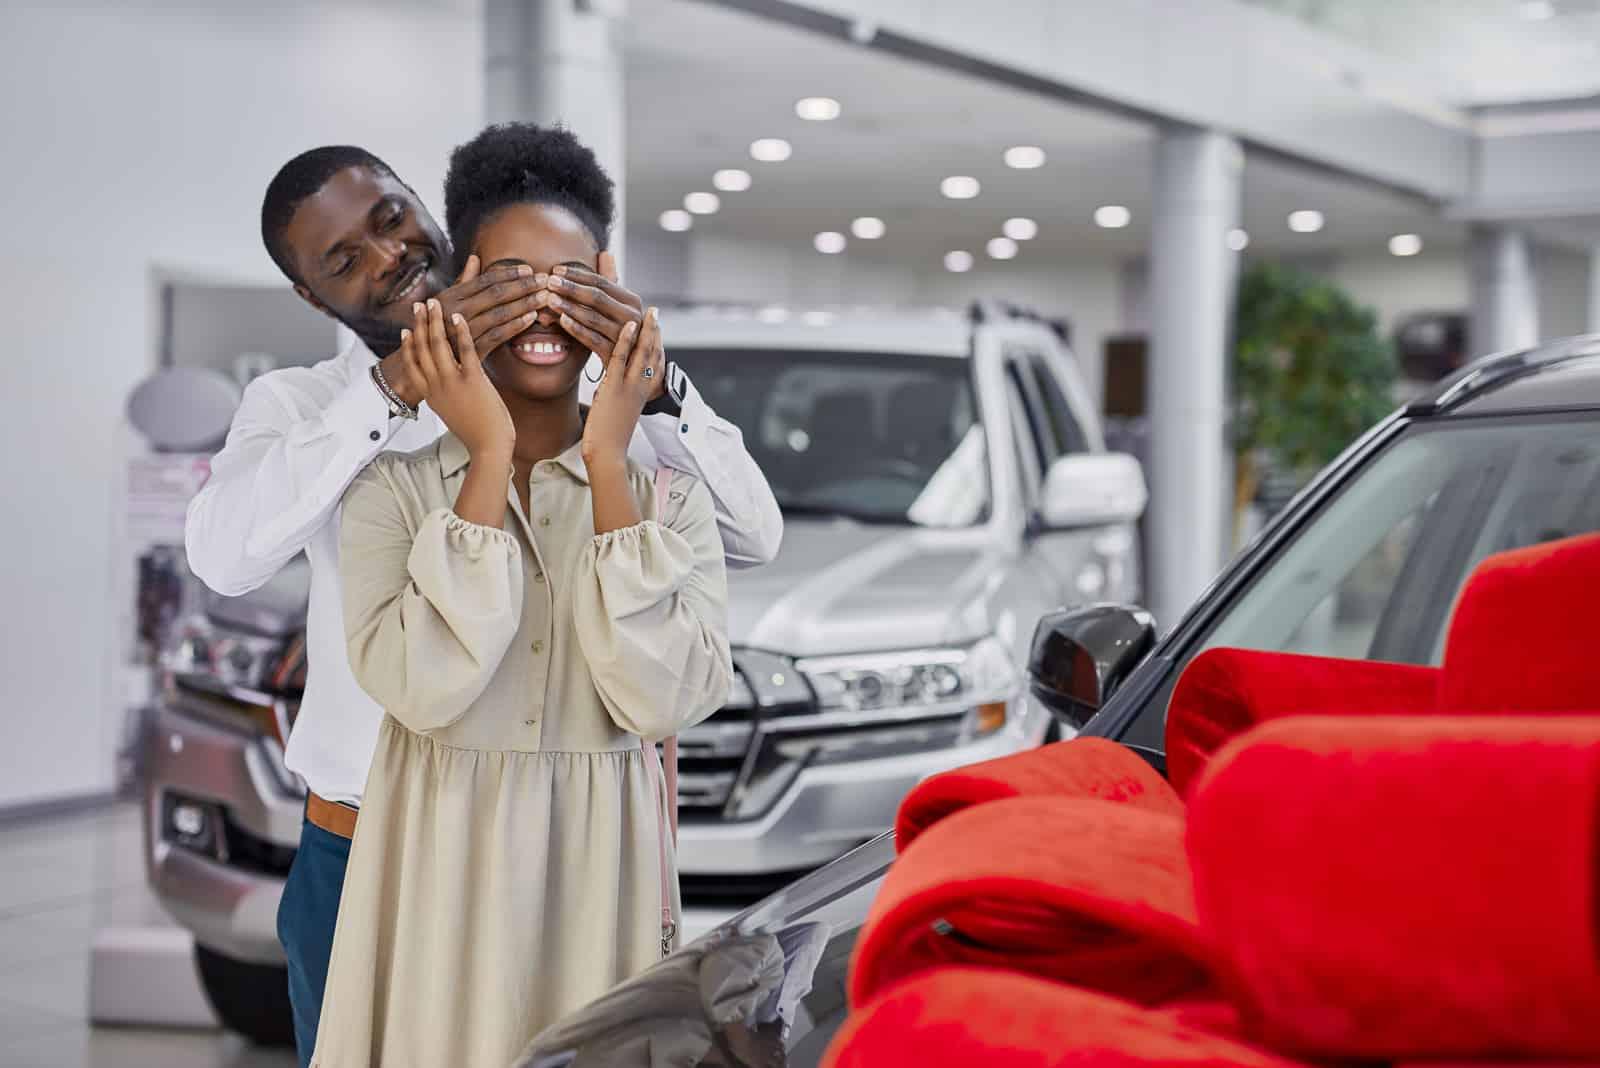 Ein Mann gibt seiner Frau ein Auto